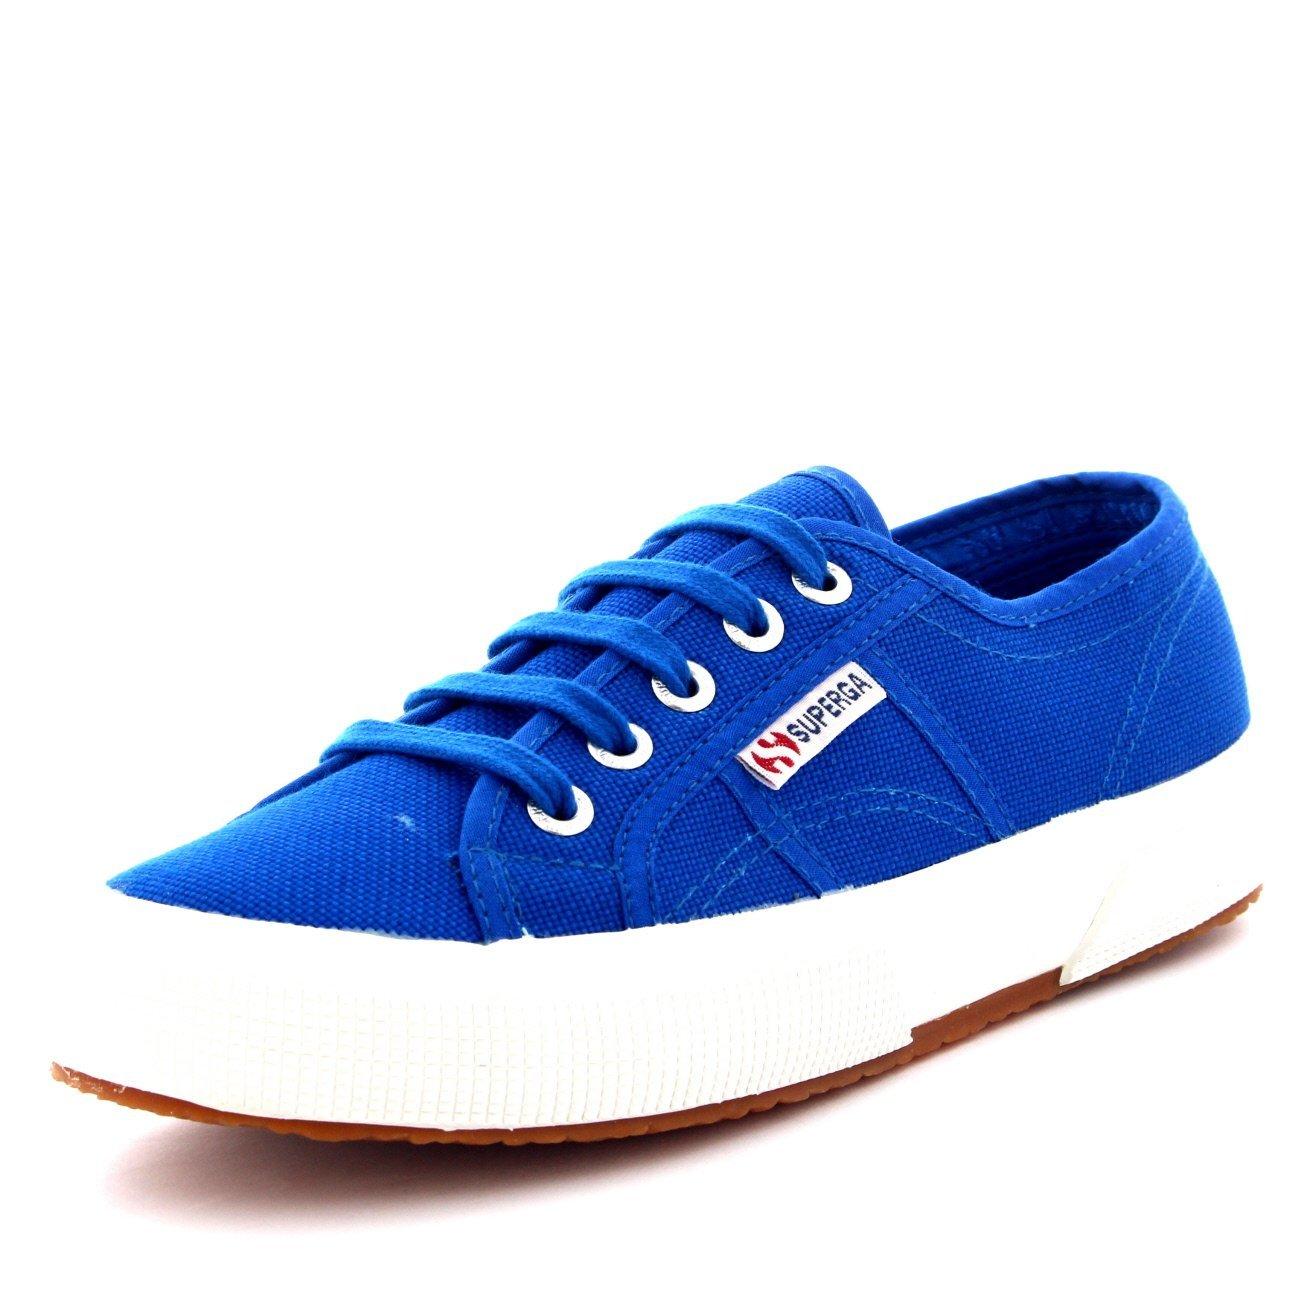 Superga B01N10KL6L 2750 Cotu Cotu Classic, Blue) Baskets mixte adulte Bleu (G03 Sea Blue) 4f61396 - fast-weightloss-diet.space